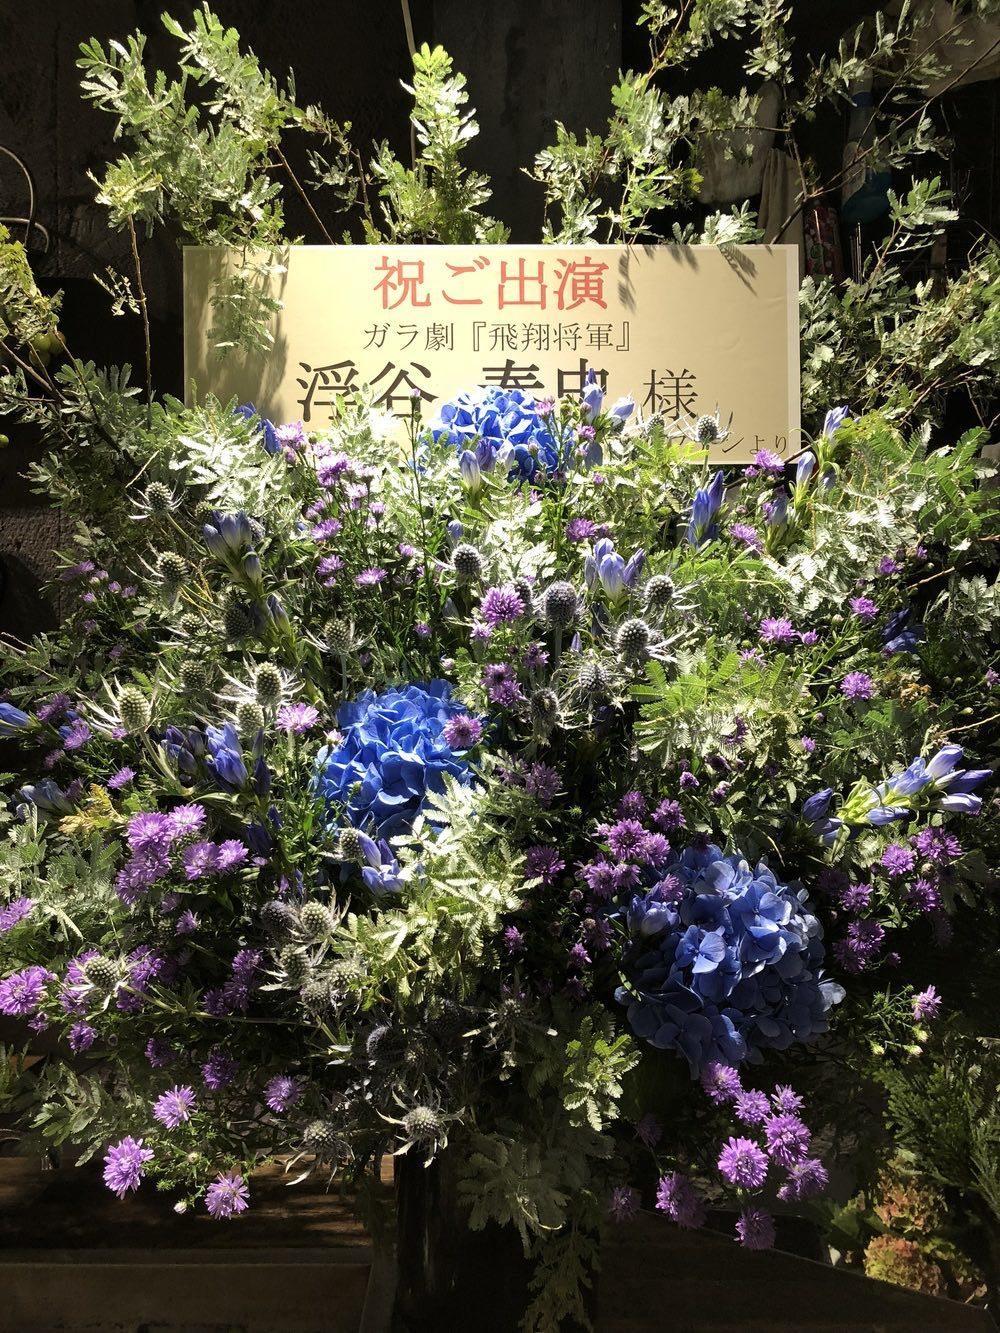 萬劇場 舞台[飛翔将軍]ご出演祝い花|